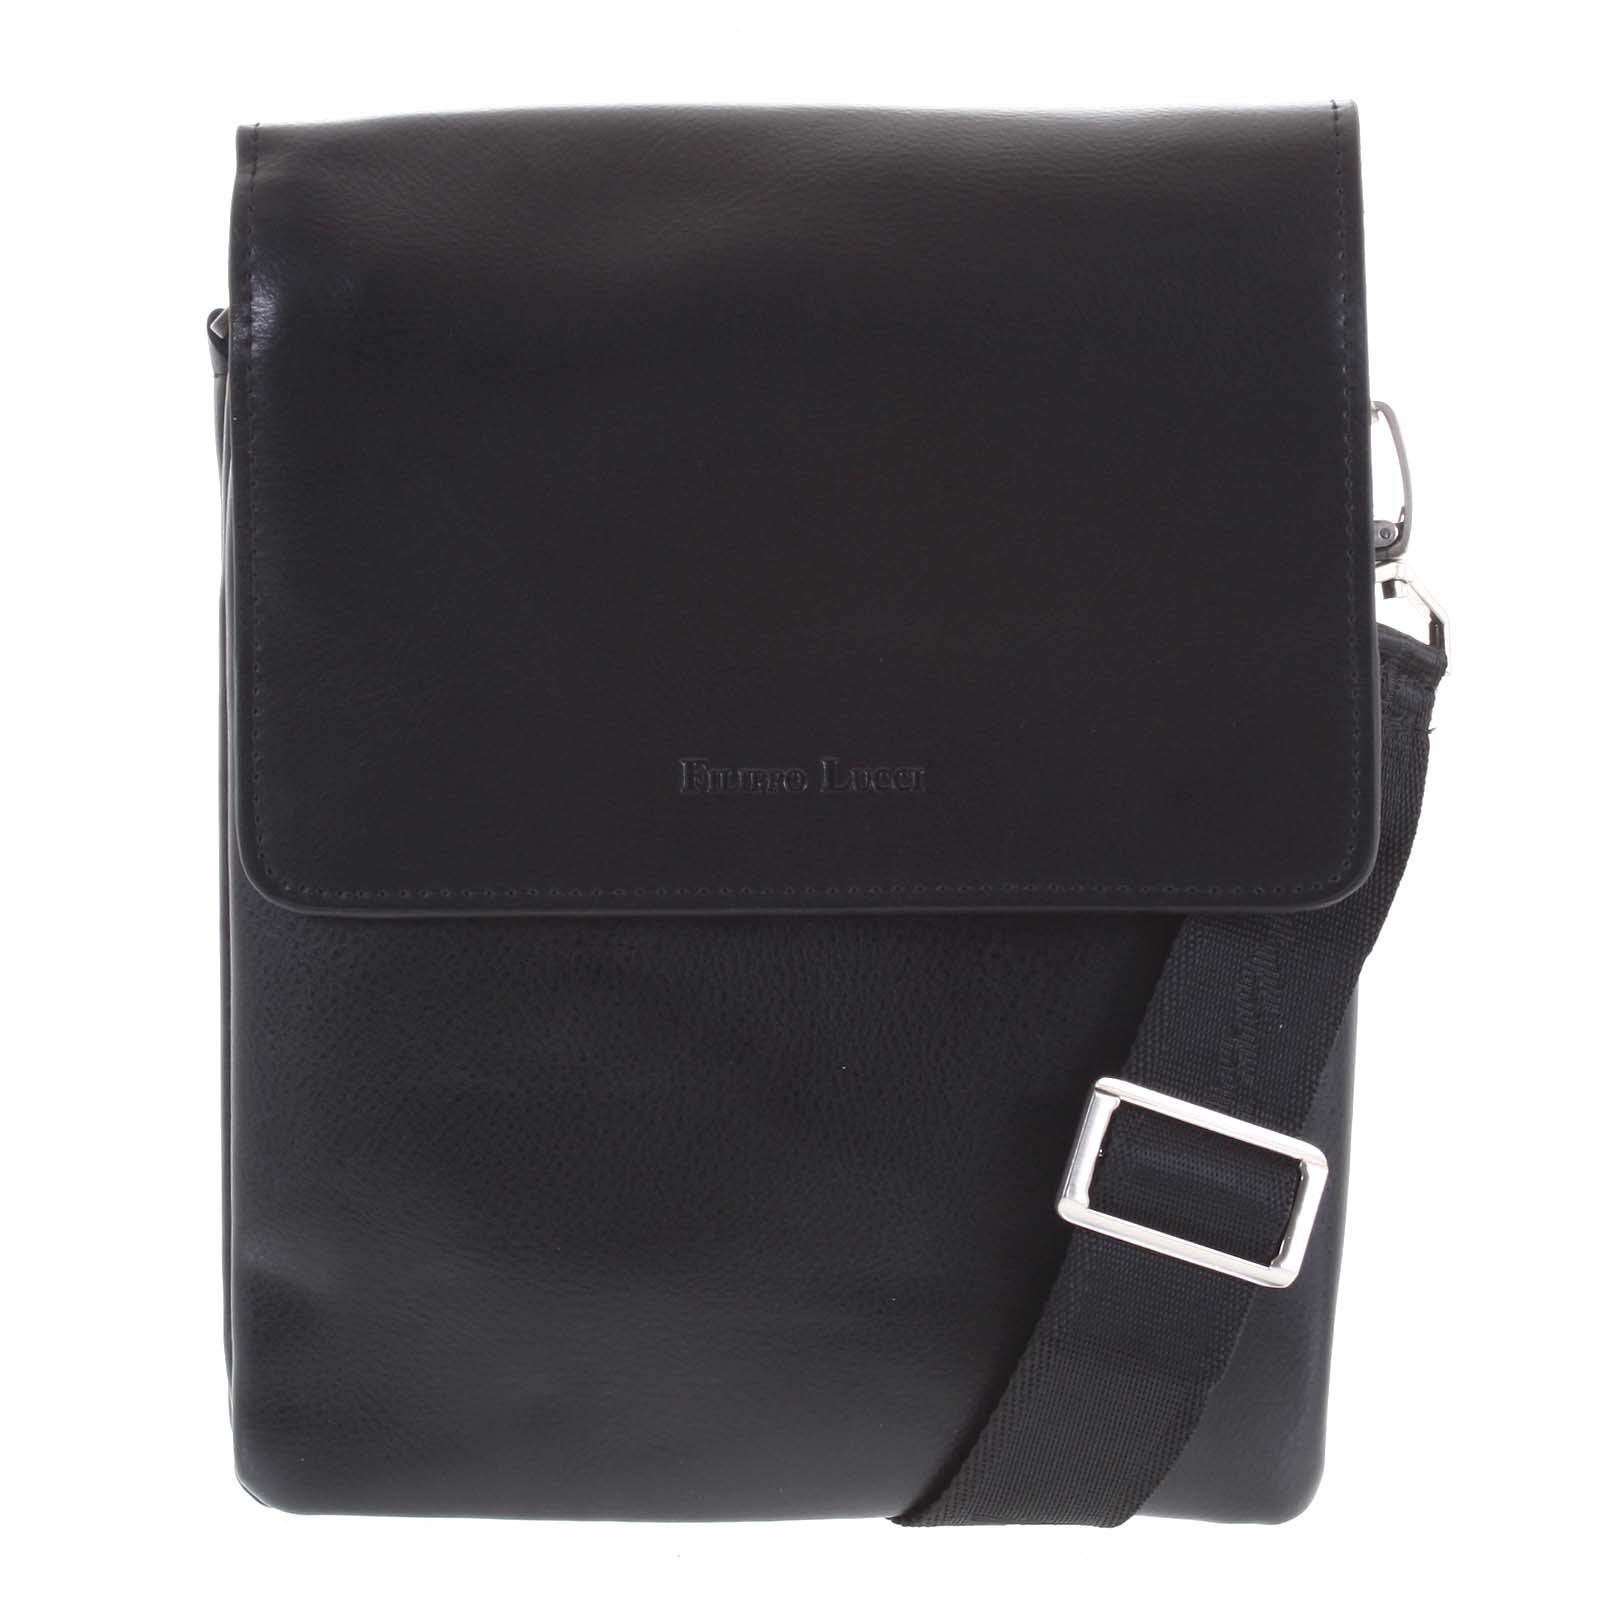 Pánská kožená taška černá - Filippo Lucci Jeanni